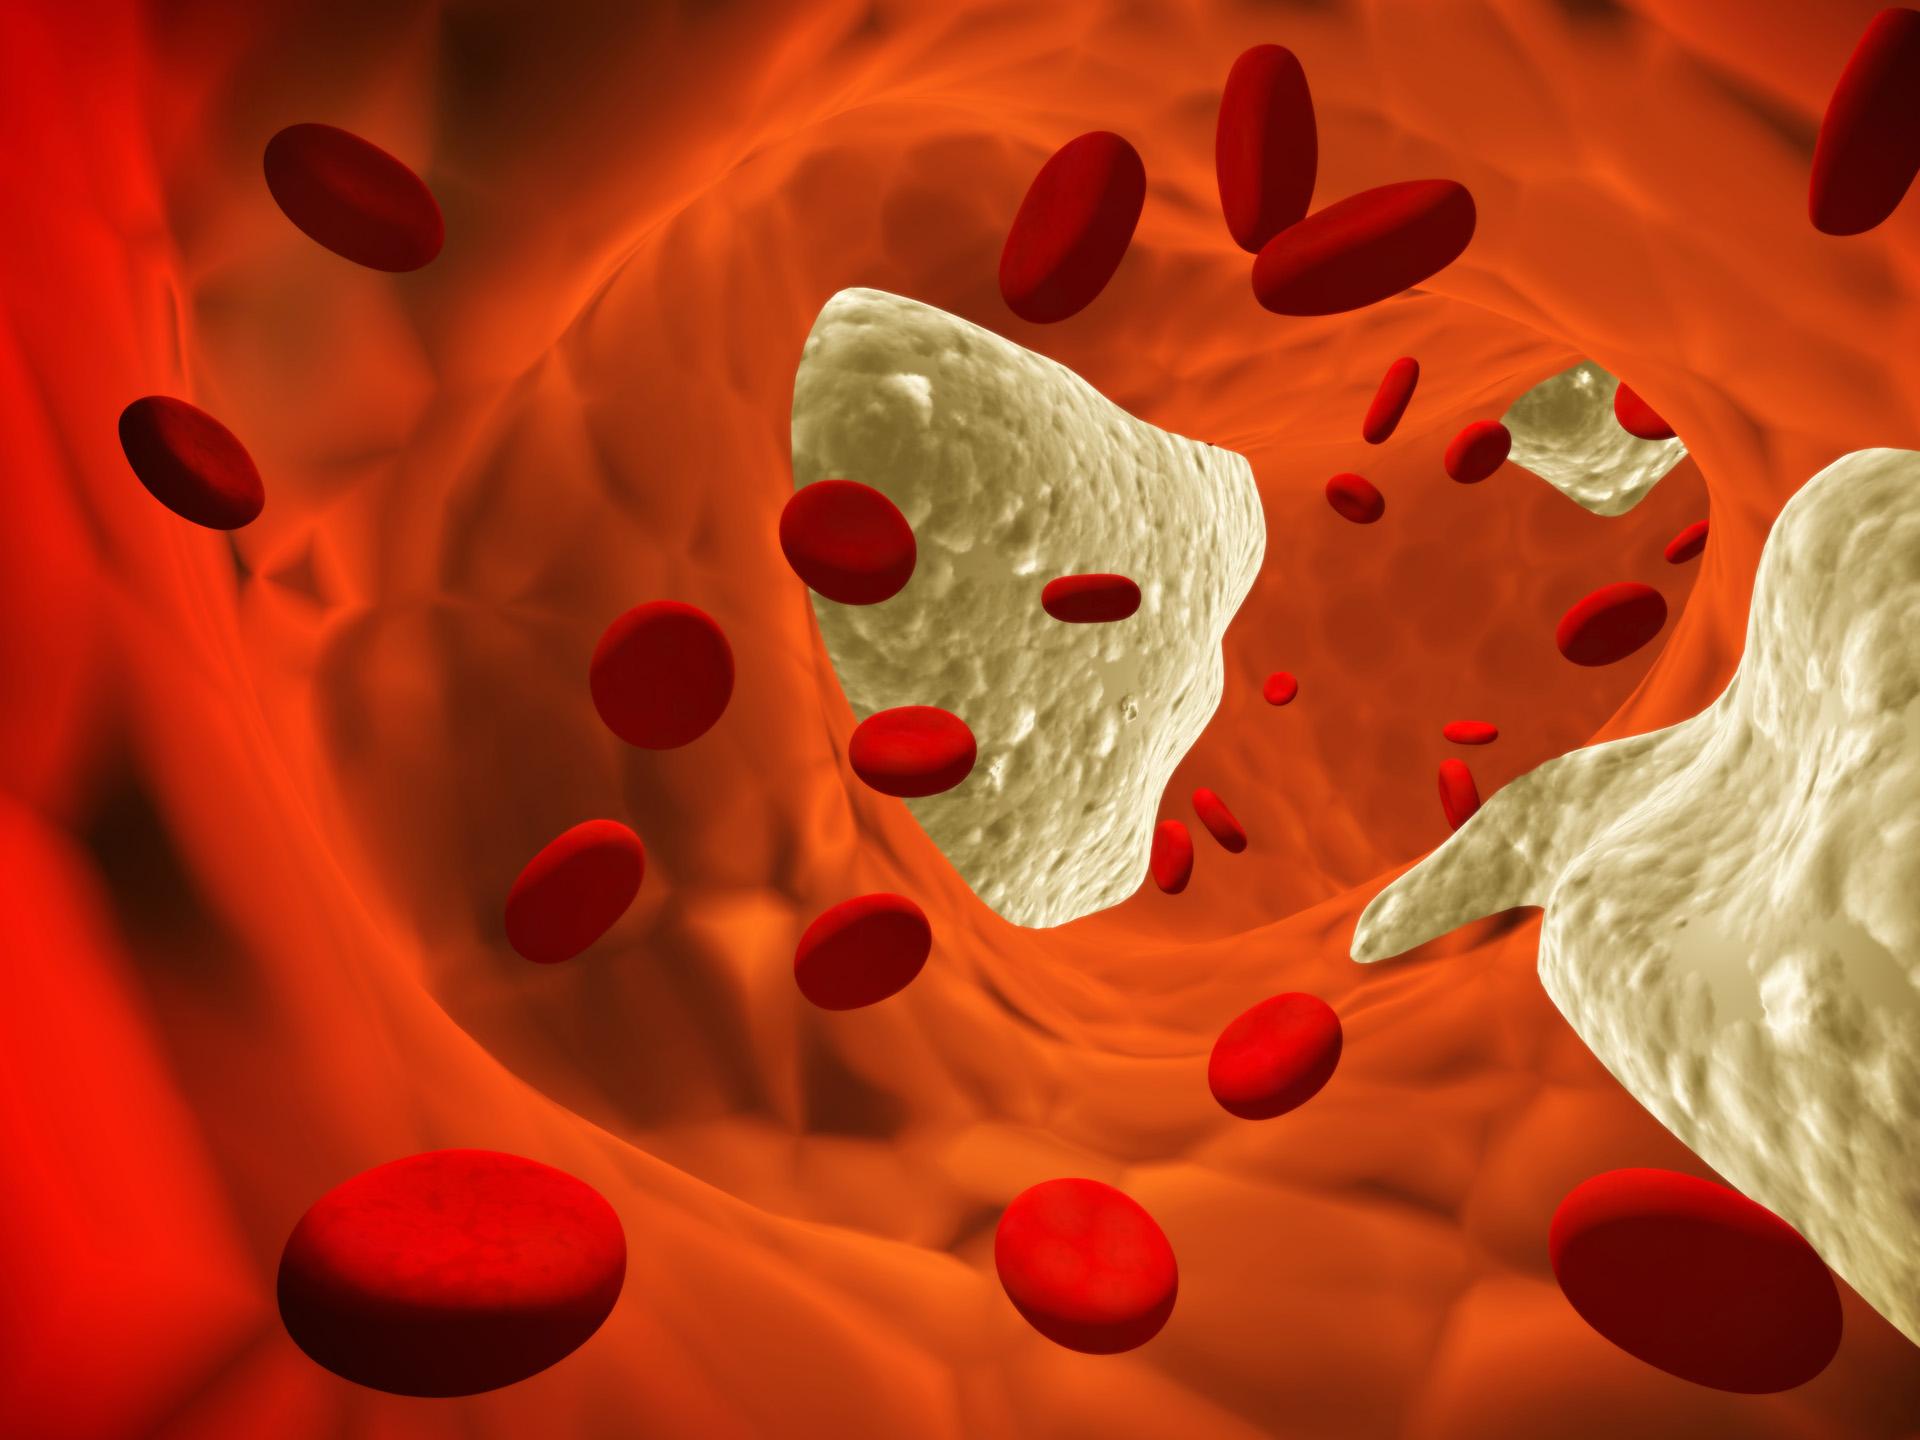 Θρόμβοι αίματος, η κύρια αιτία θανάτου σε νέες μητέρες thumbnail